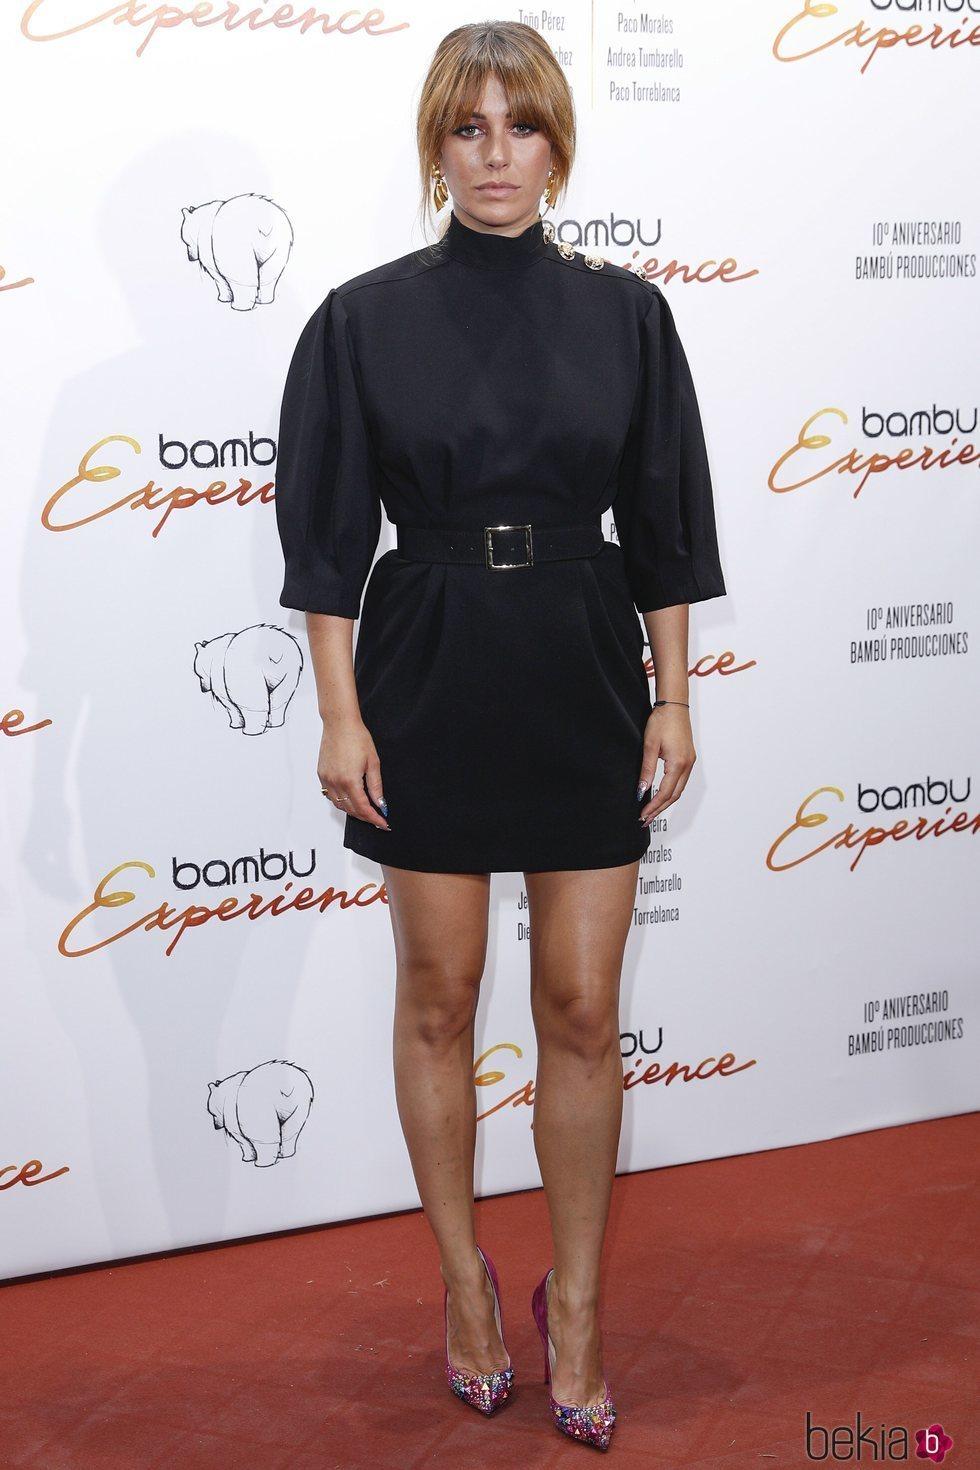 Blanca Suárez en la fiesta del décimo aniversario de la productora Bambú